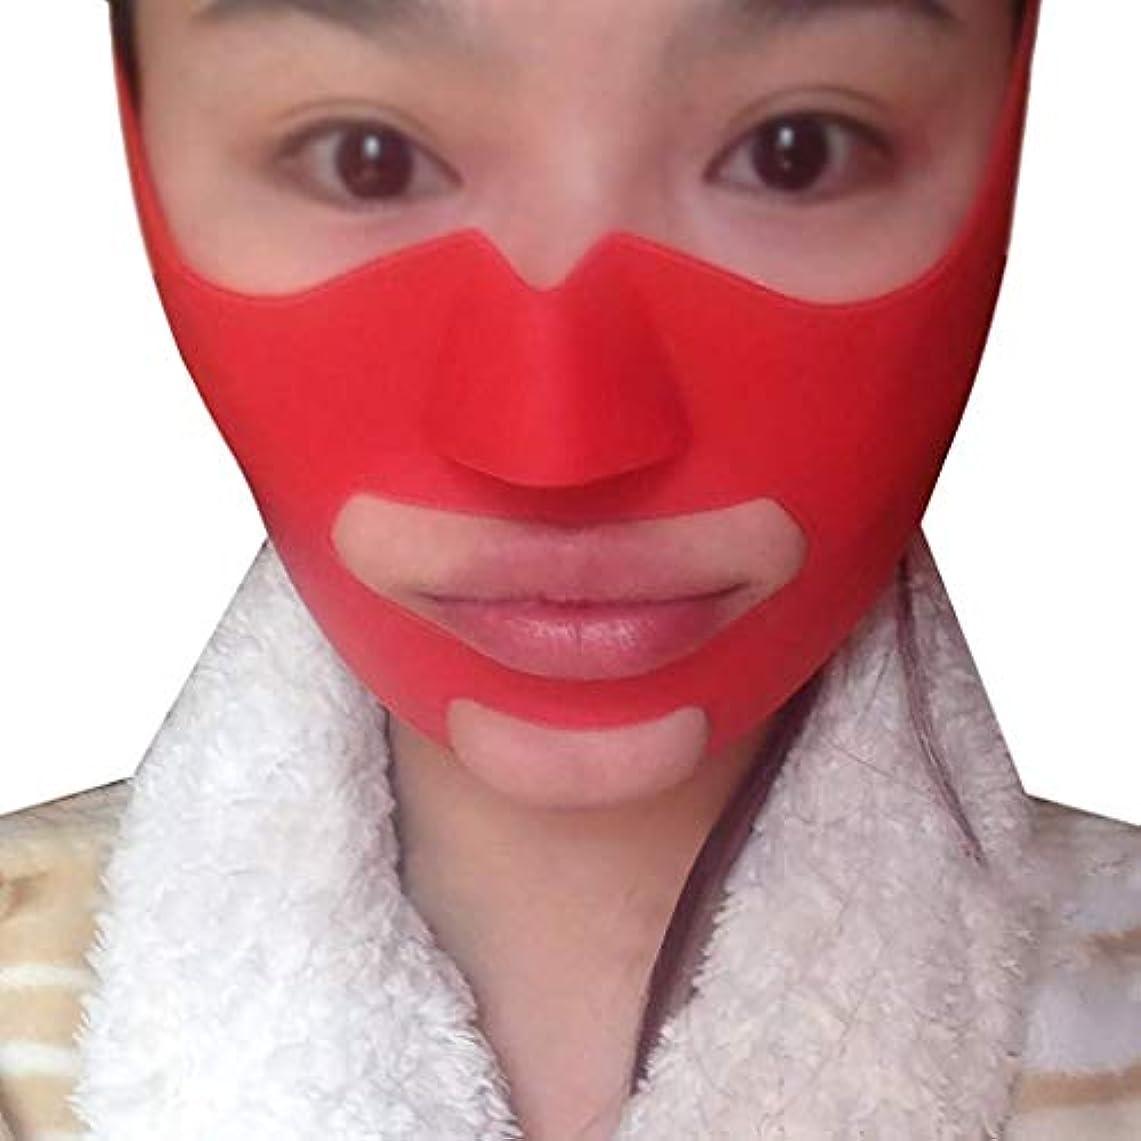 キーラオス人答え美容と実用的なフェイスリフトマスク、シリコンVフェイスマスクフェイスマスク強力な薄い咬筋筋肉リフトApple筋肉パターンアーティファクト小さなV顔包帯顔と首リフト